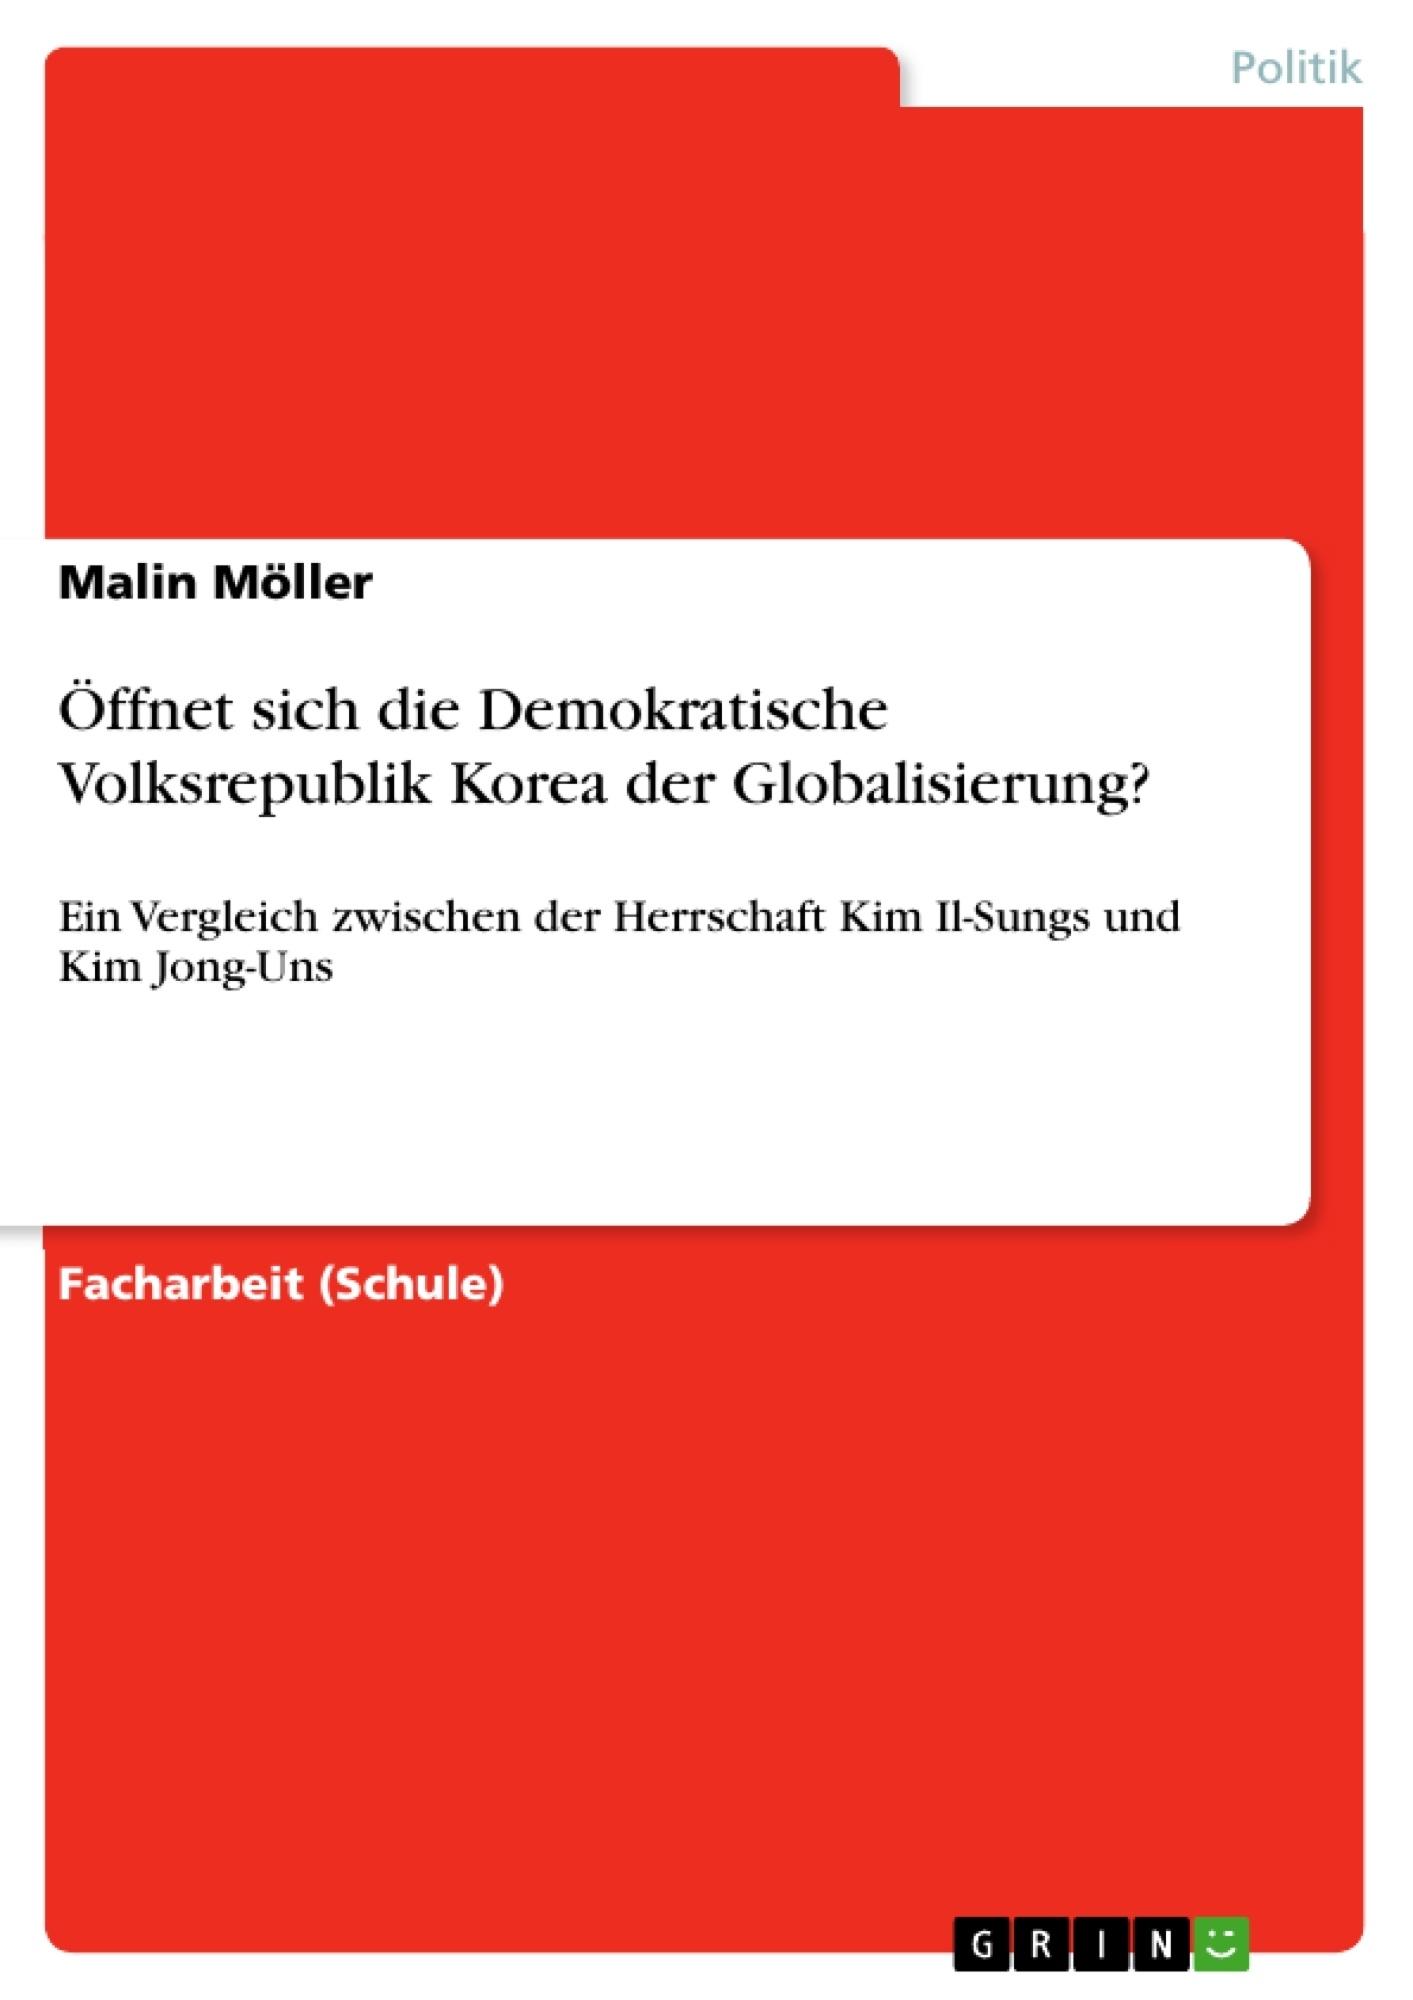 Titel: Öffnet sich die Demokratische Volksrepublik Korea der Globalisierung?